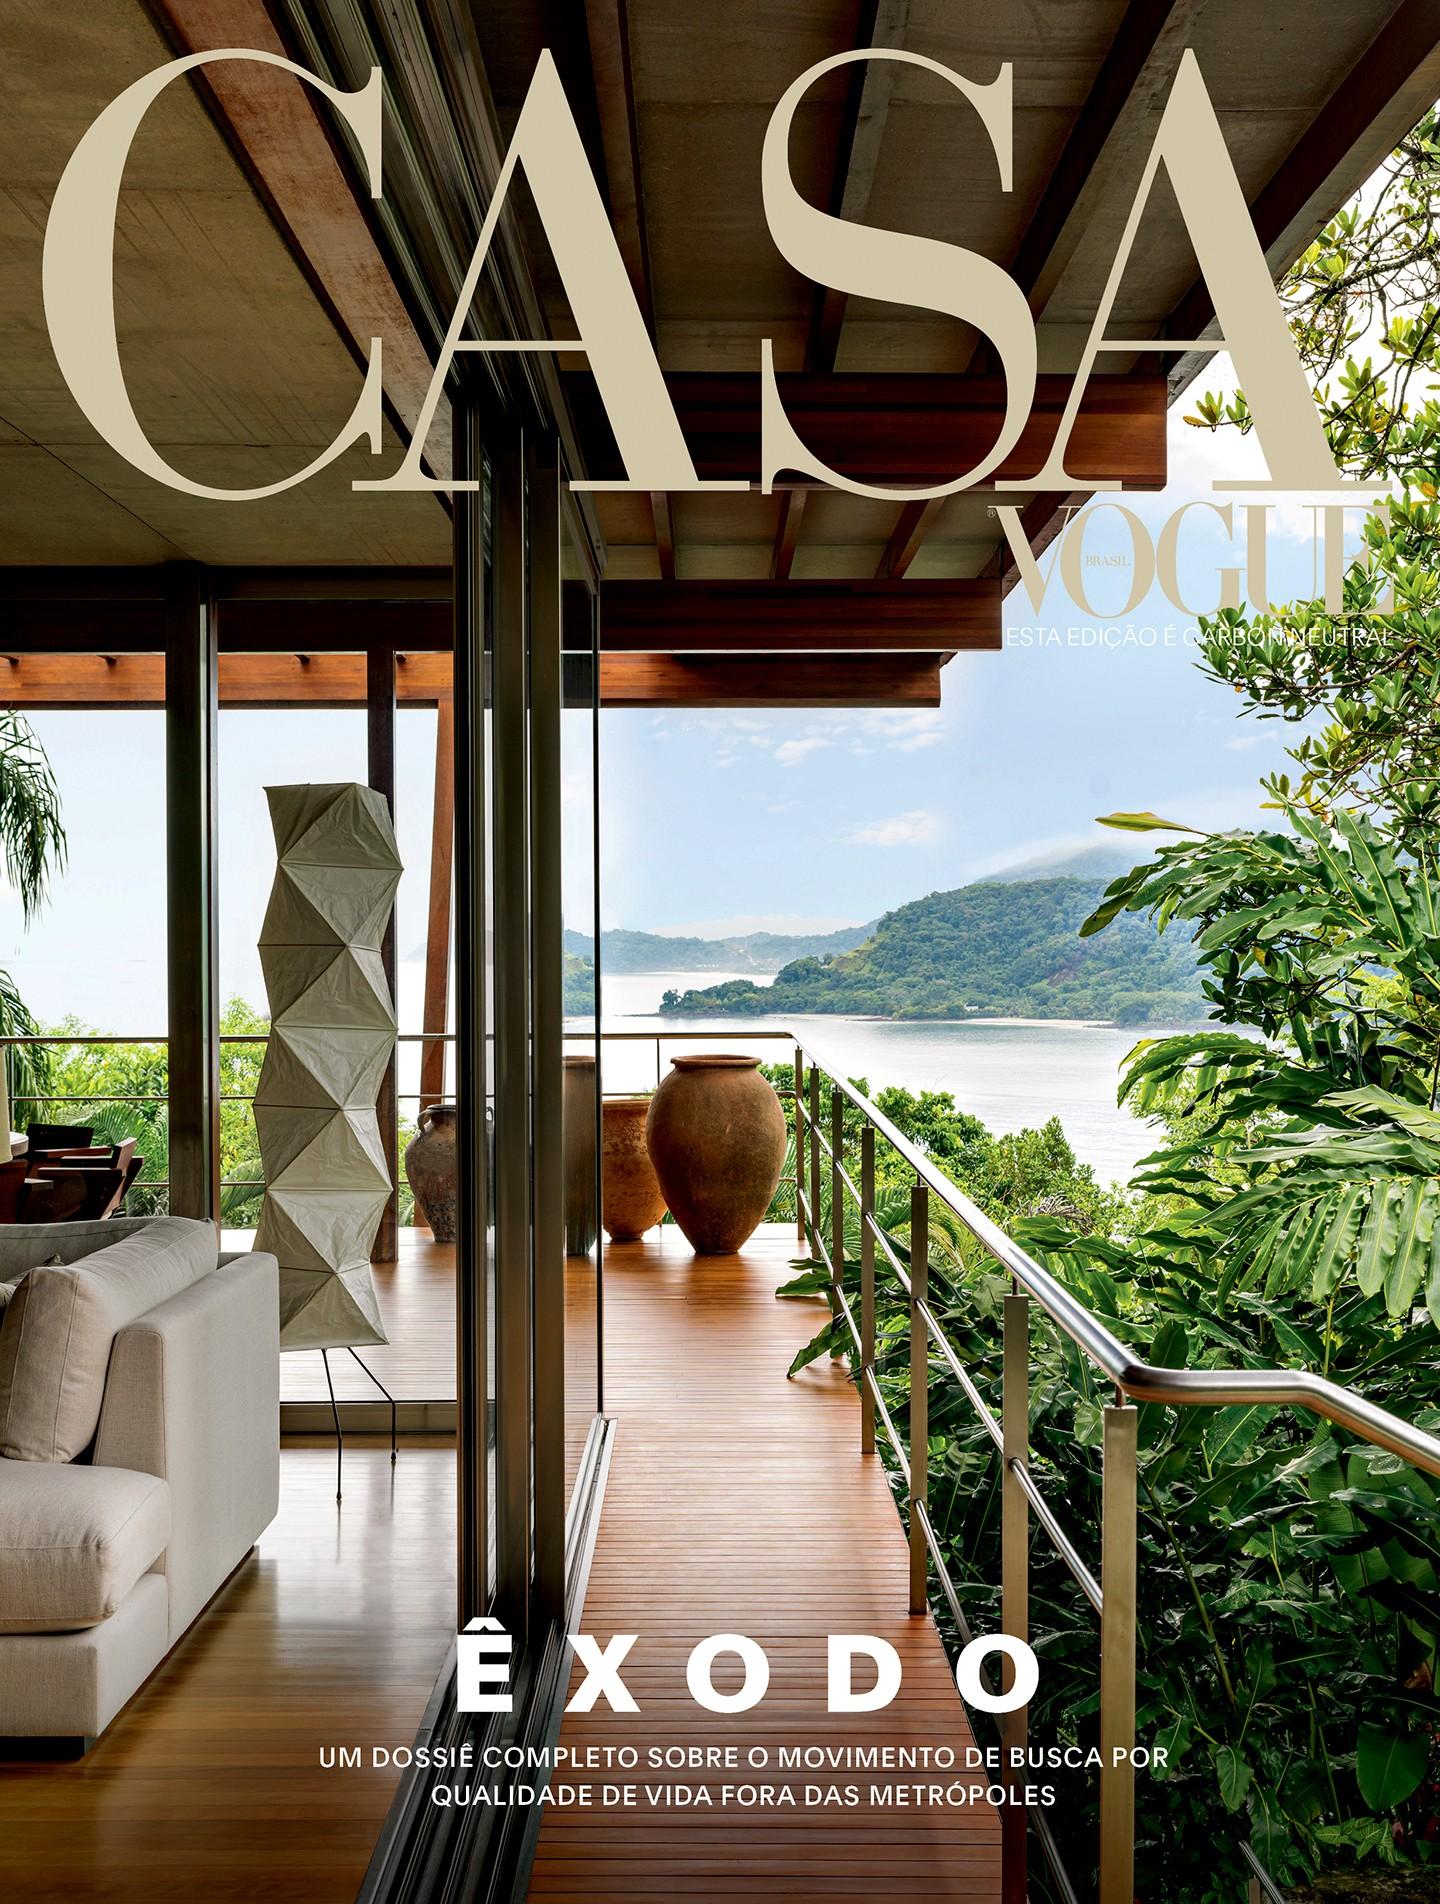 Casa Vogue de setembro fala sobre morar com qualidade de vida  (Foto: Fran Parente)